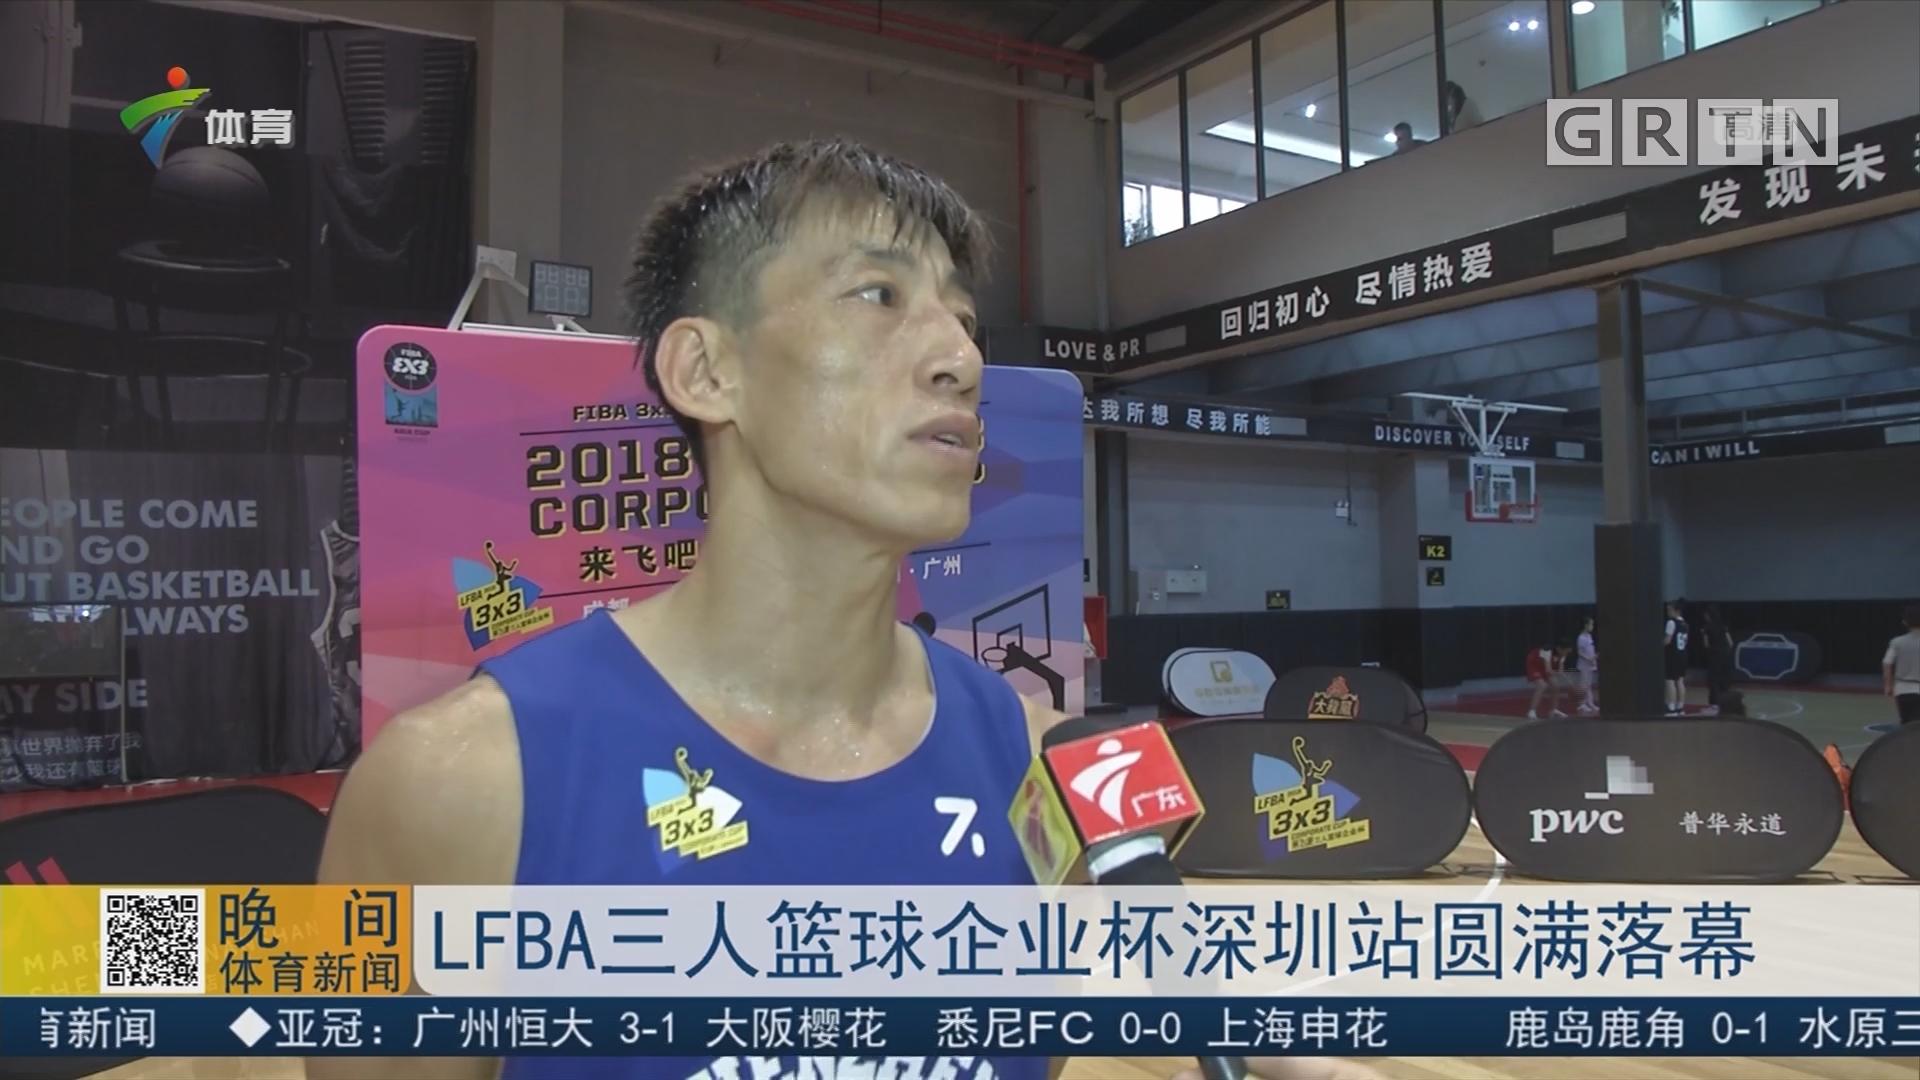 LFBA三人篮球企业杯深圳站圆满落幕